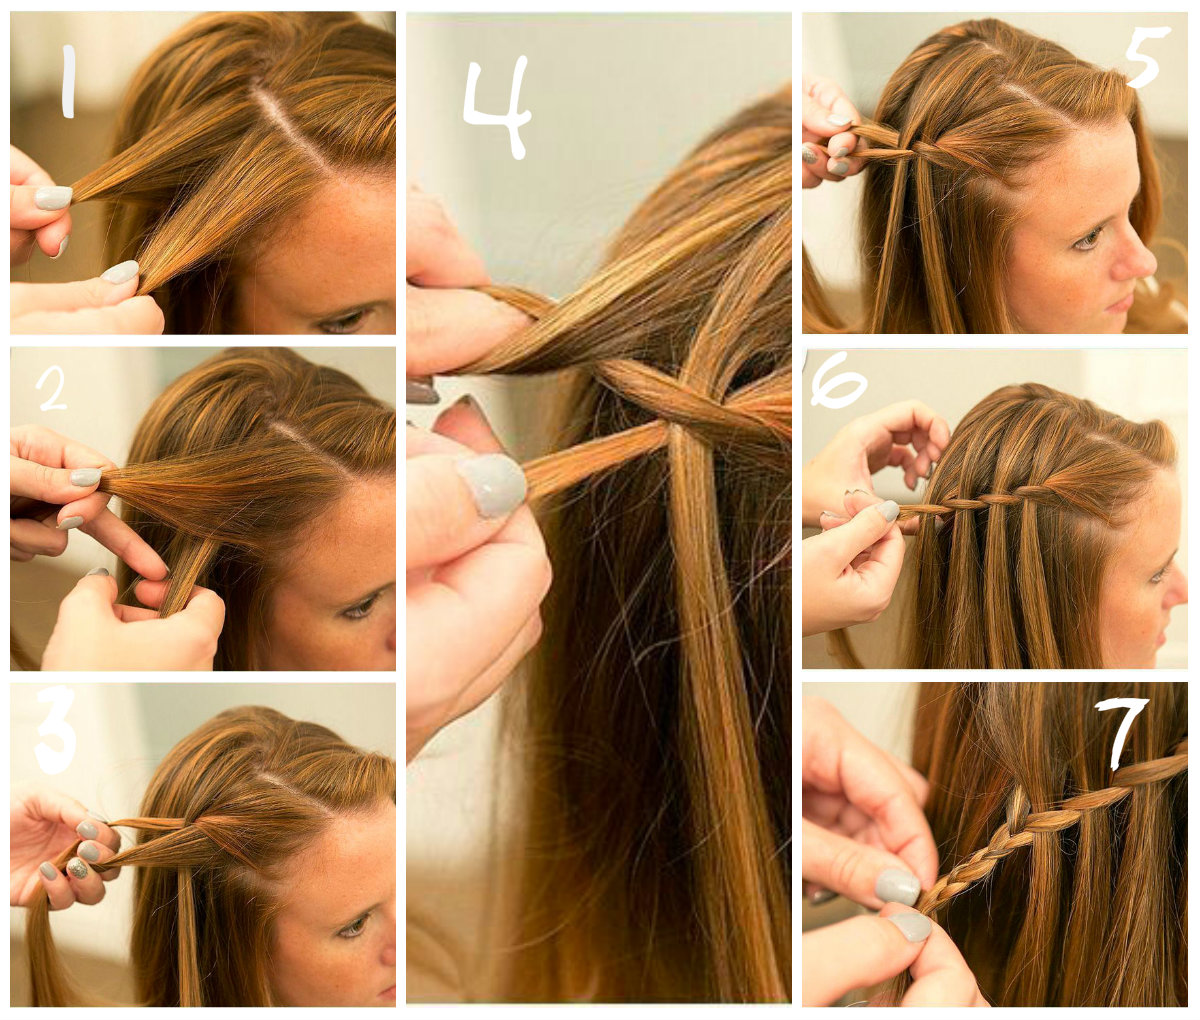 Прически на длинные волосы своими руками за 5 минут в школу